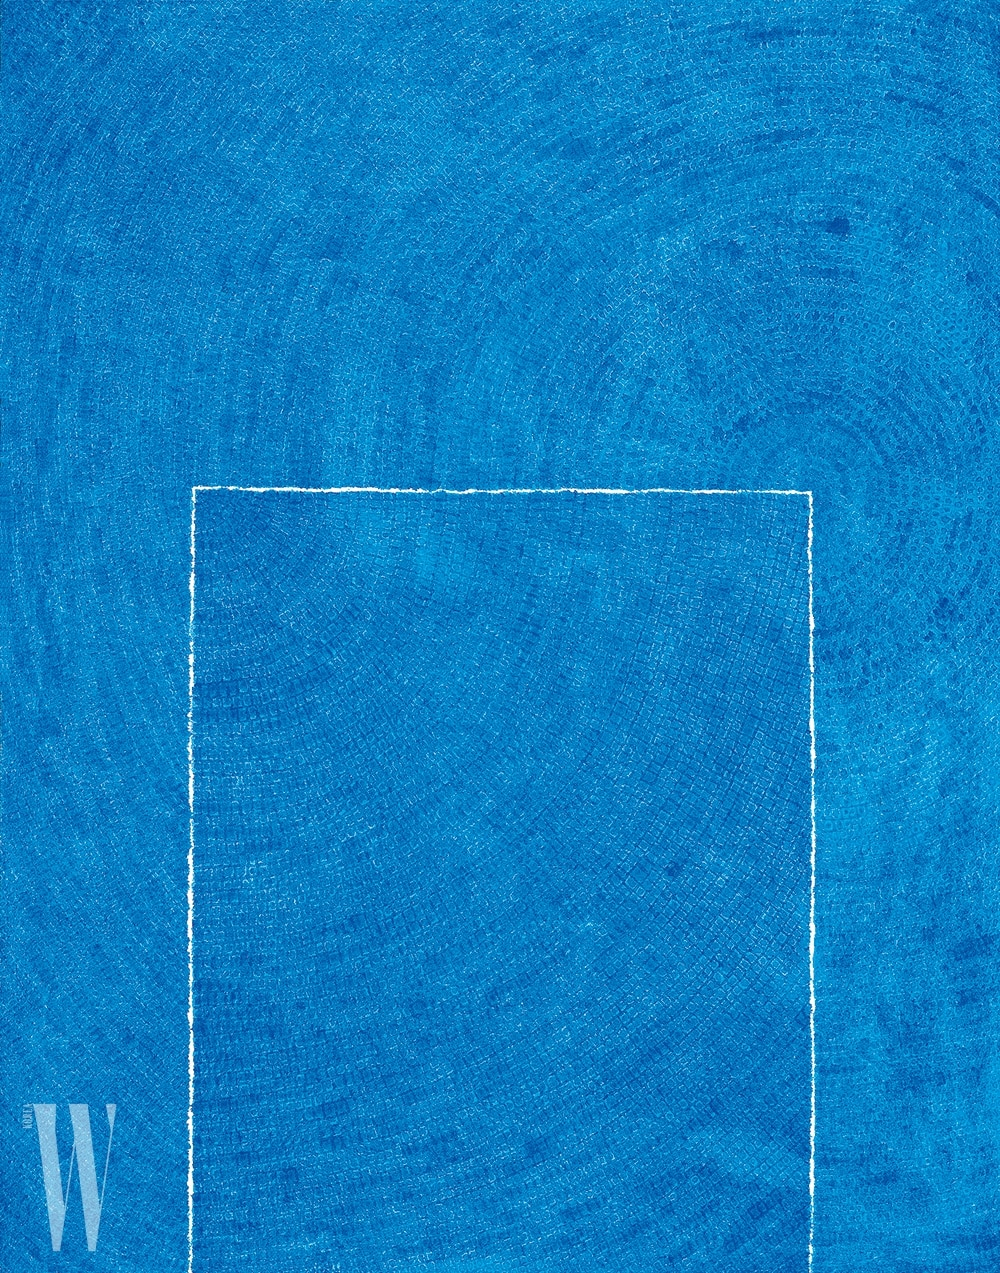 김환기, 고요 5-Ⅳ-73 #310 Tranquillity 5-Ⅳ-73 #310, 1973, Oil on Cotton, 261x205cm